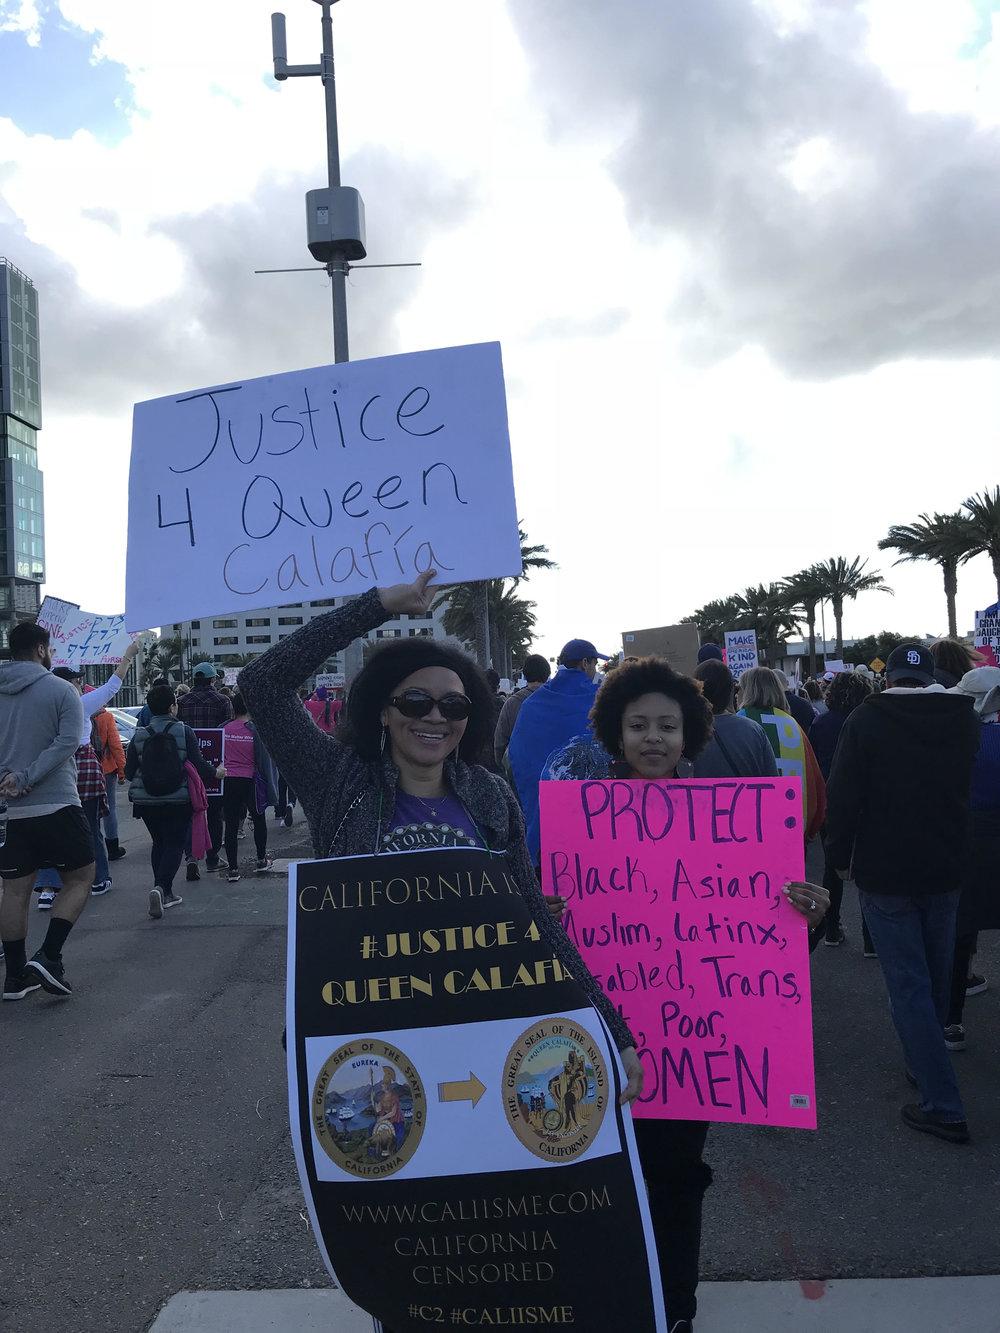 justice4queencalafia_womens_march.jpg